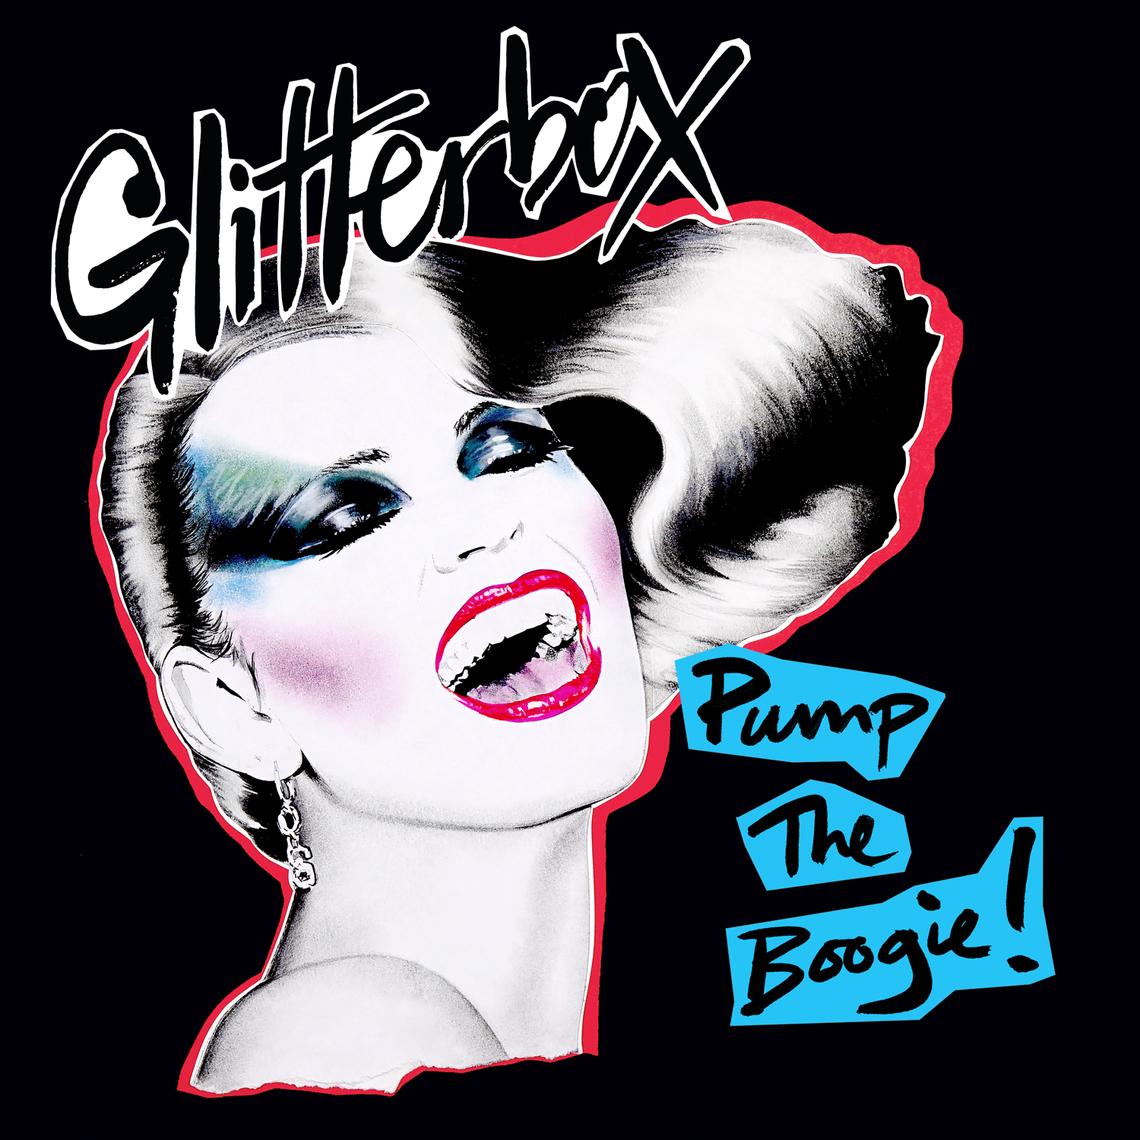 Glitterbox pumptheboogie  1500x1500